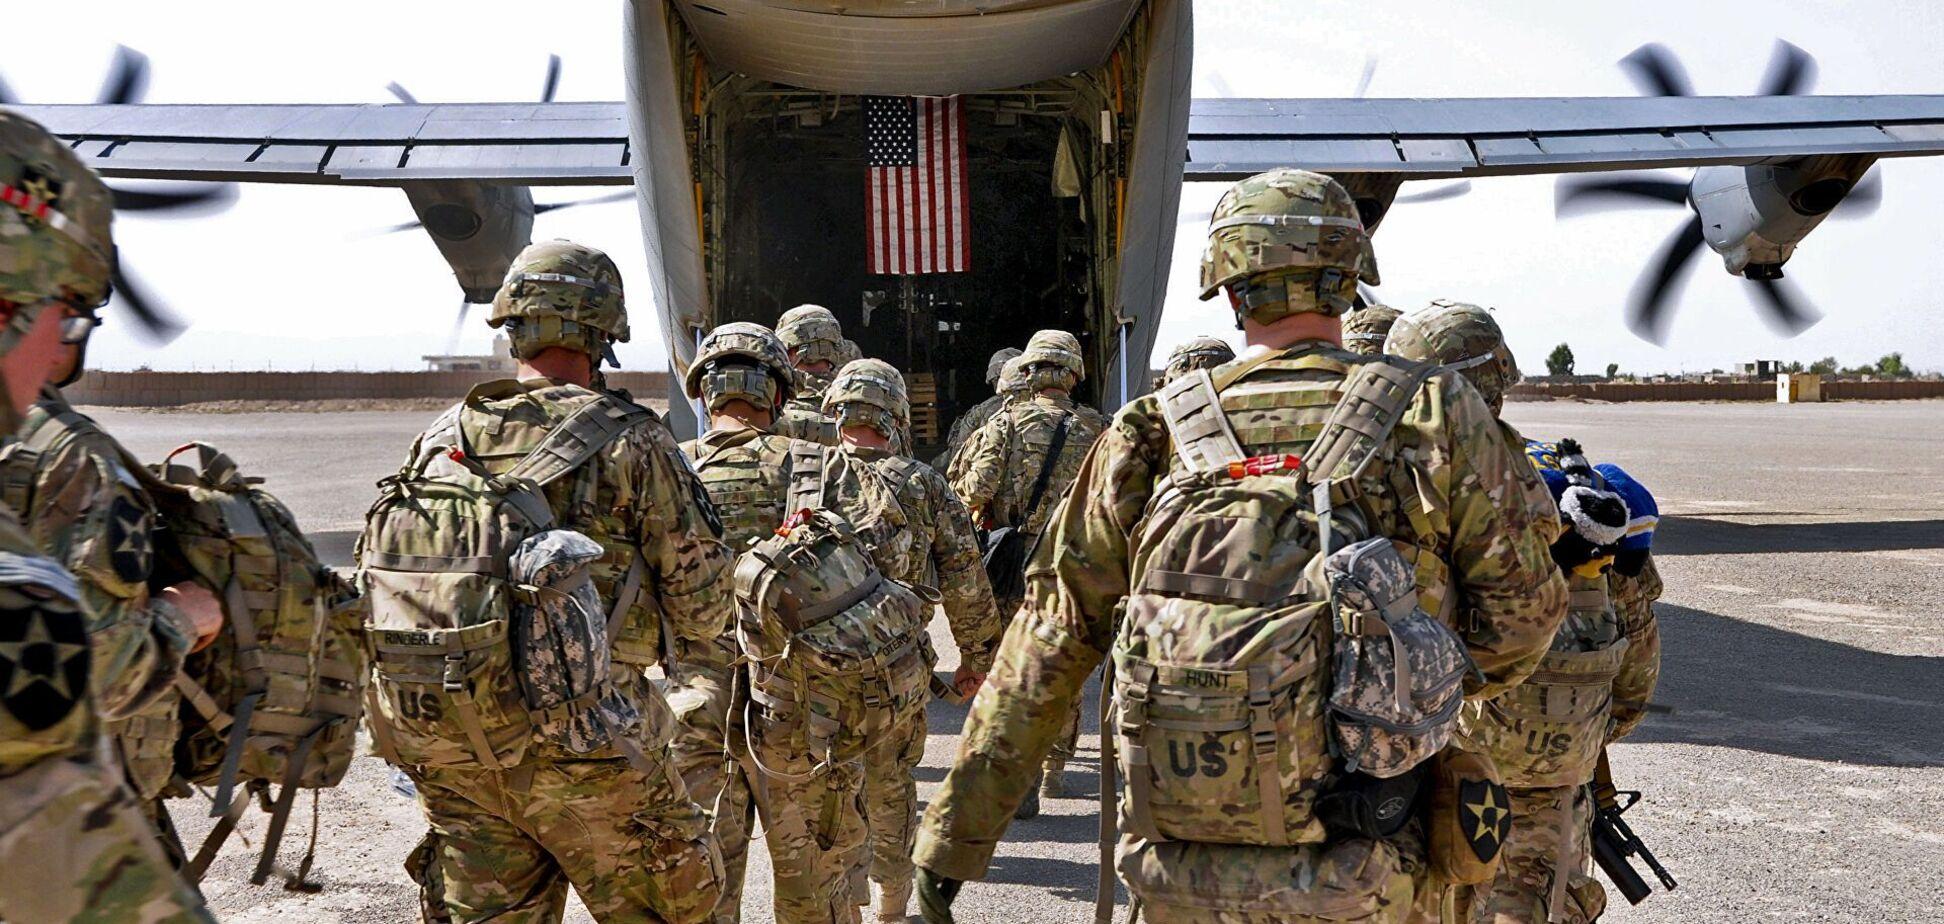 Военную базу 'Баграм' в Афганистане покинули последние американские военные